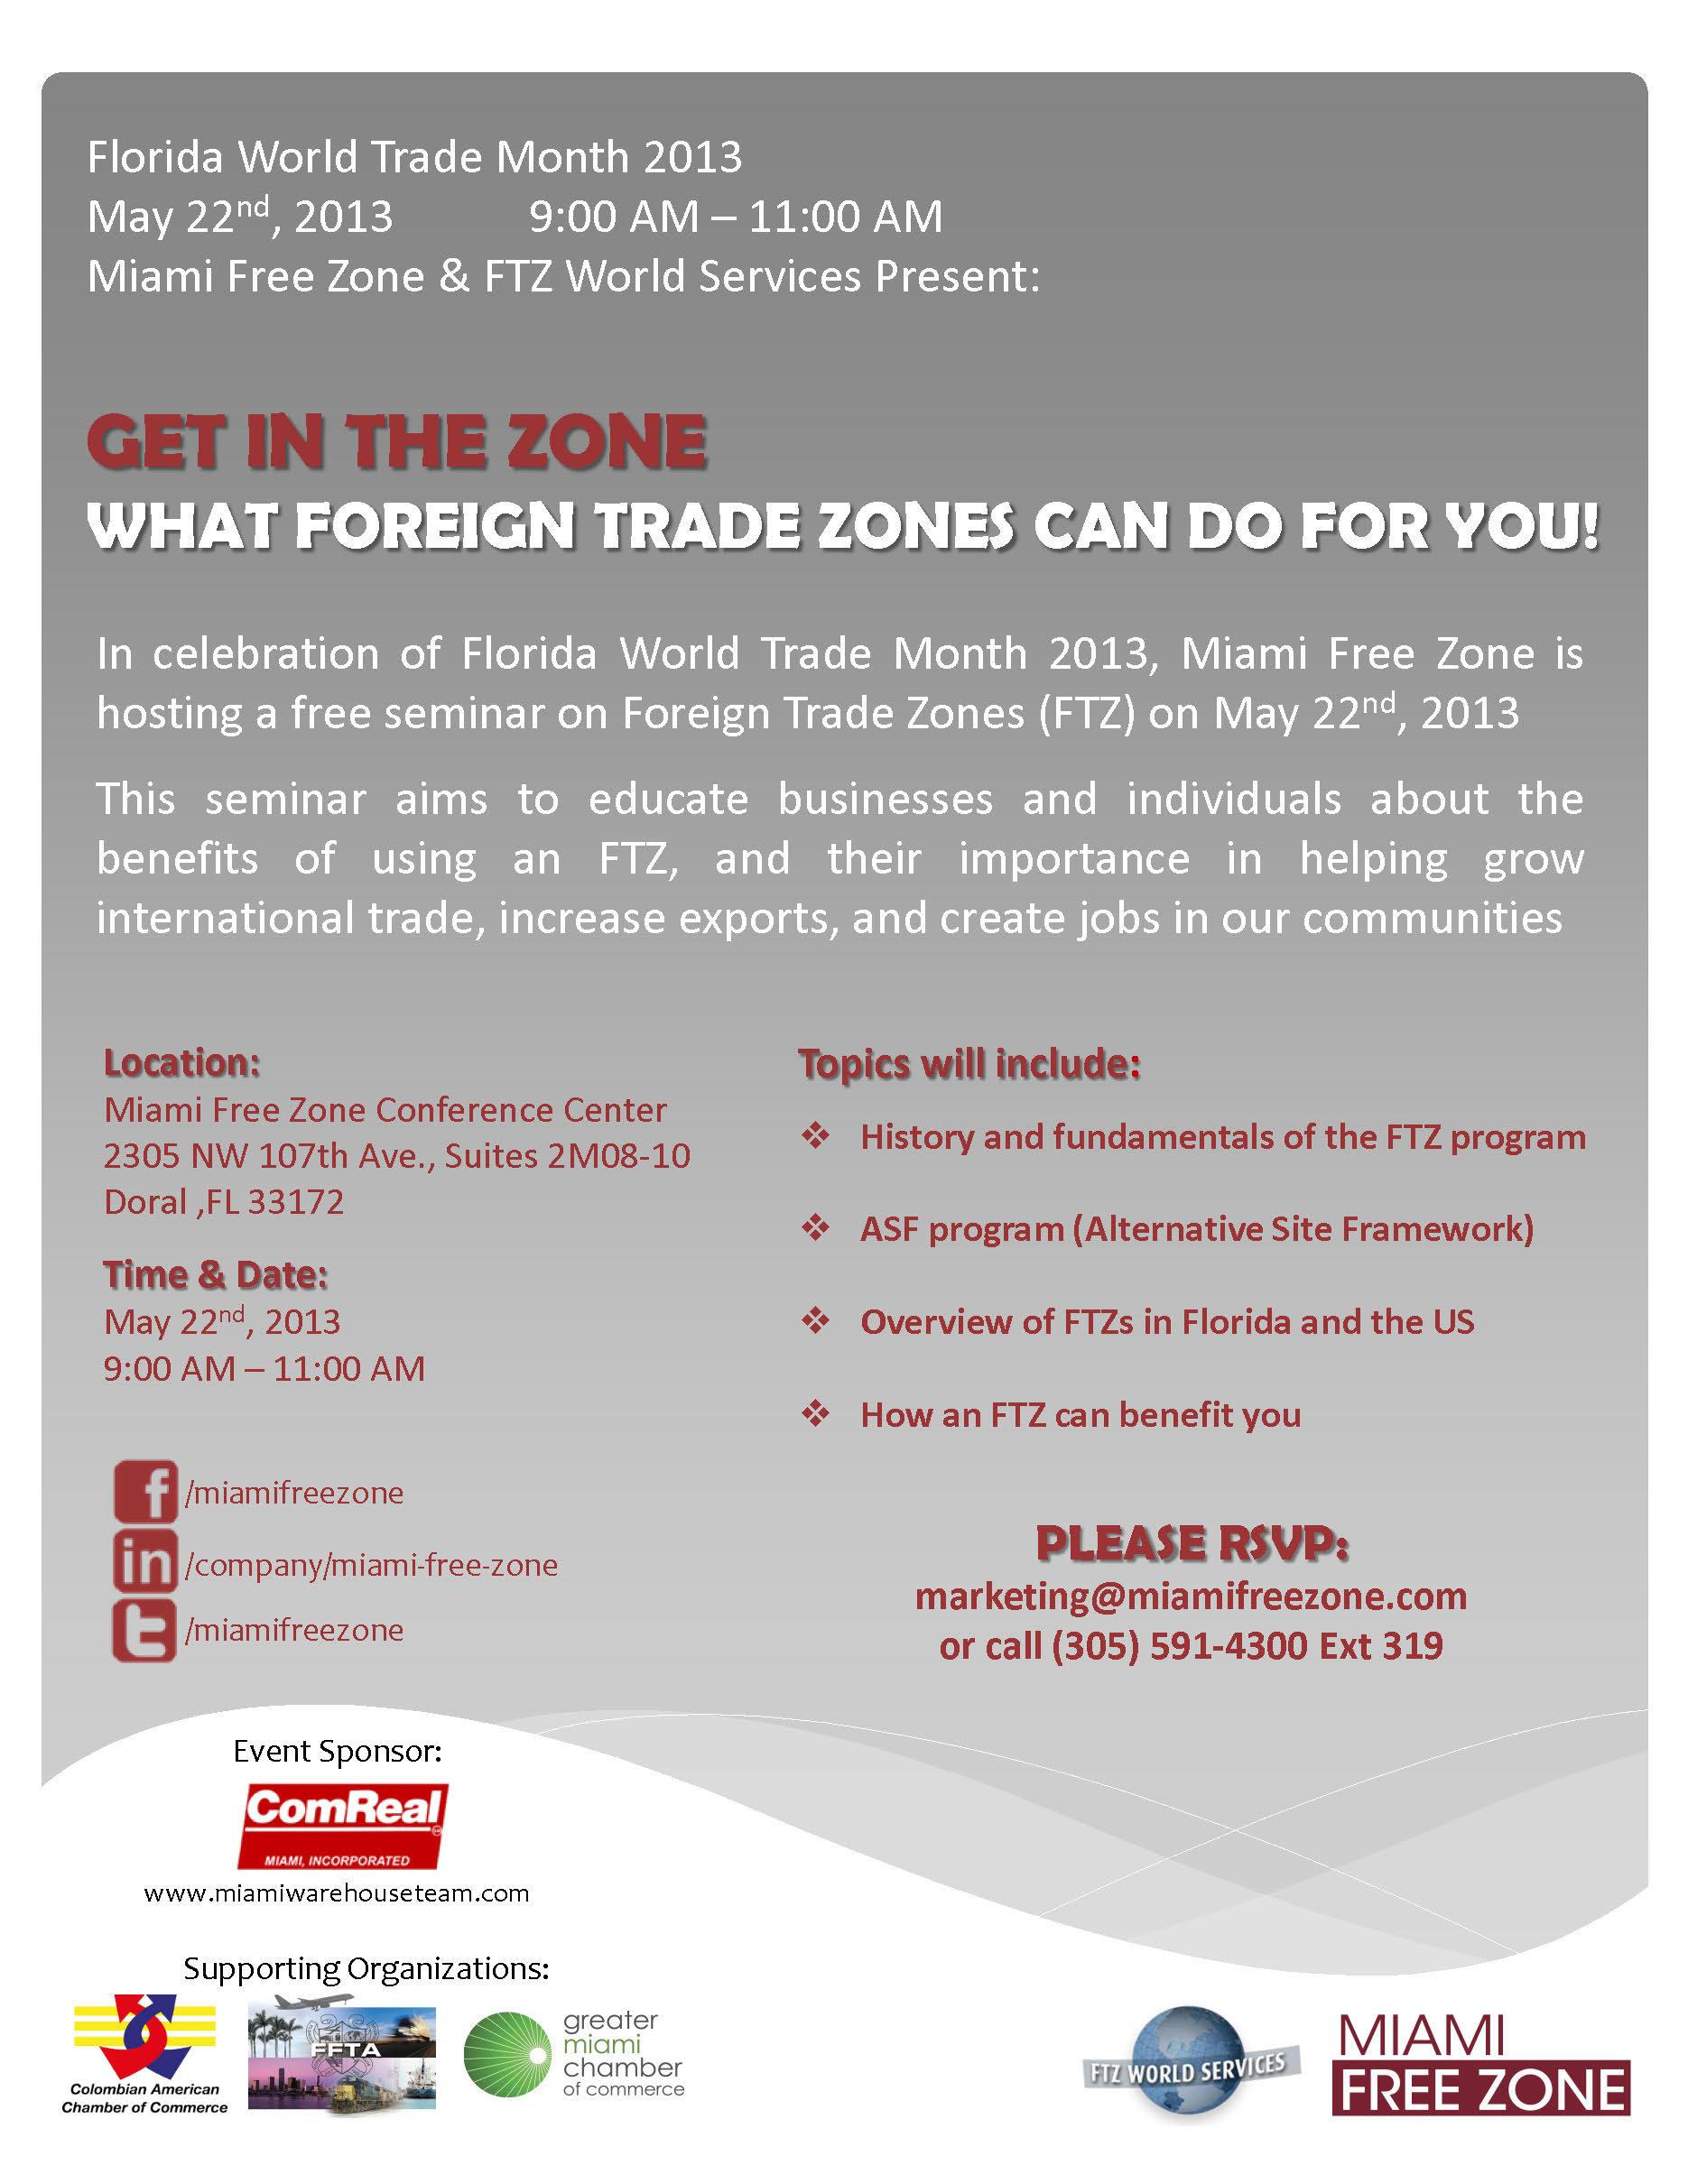 miami free zone, miaim foreign trade zones, miami ftz